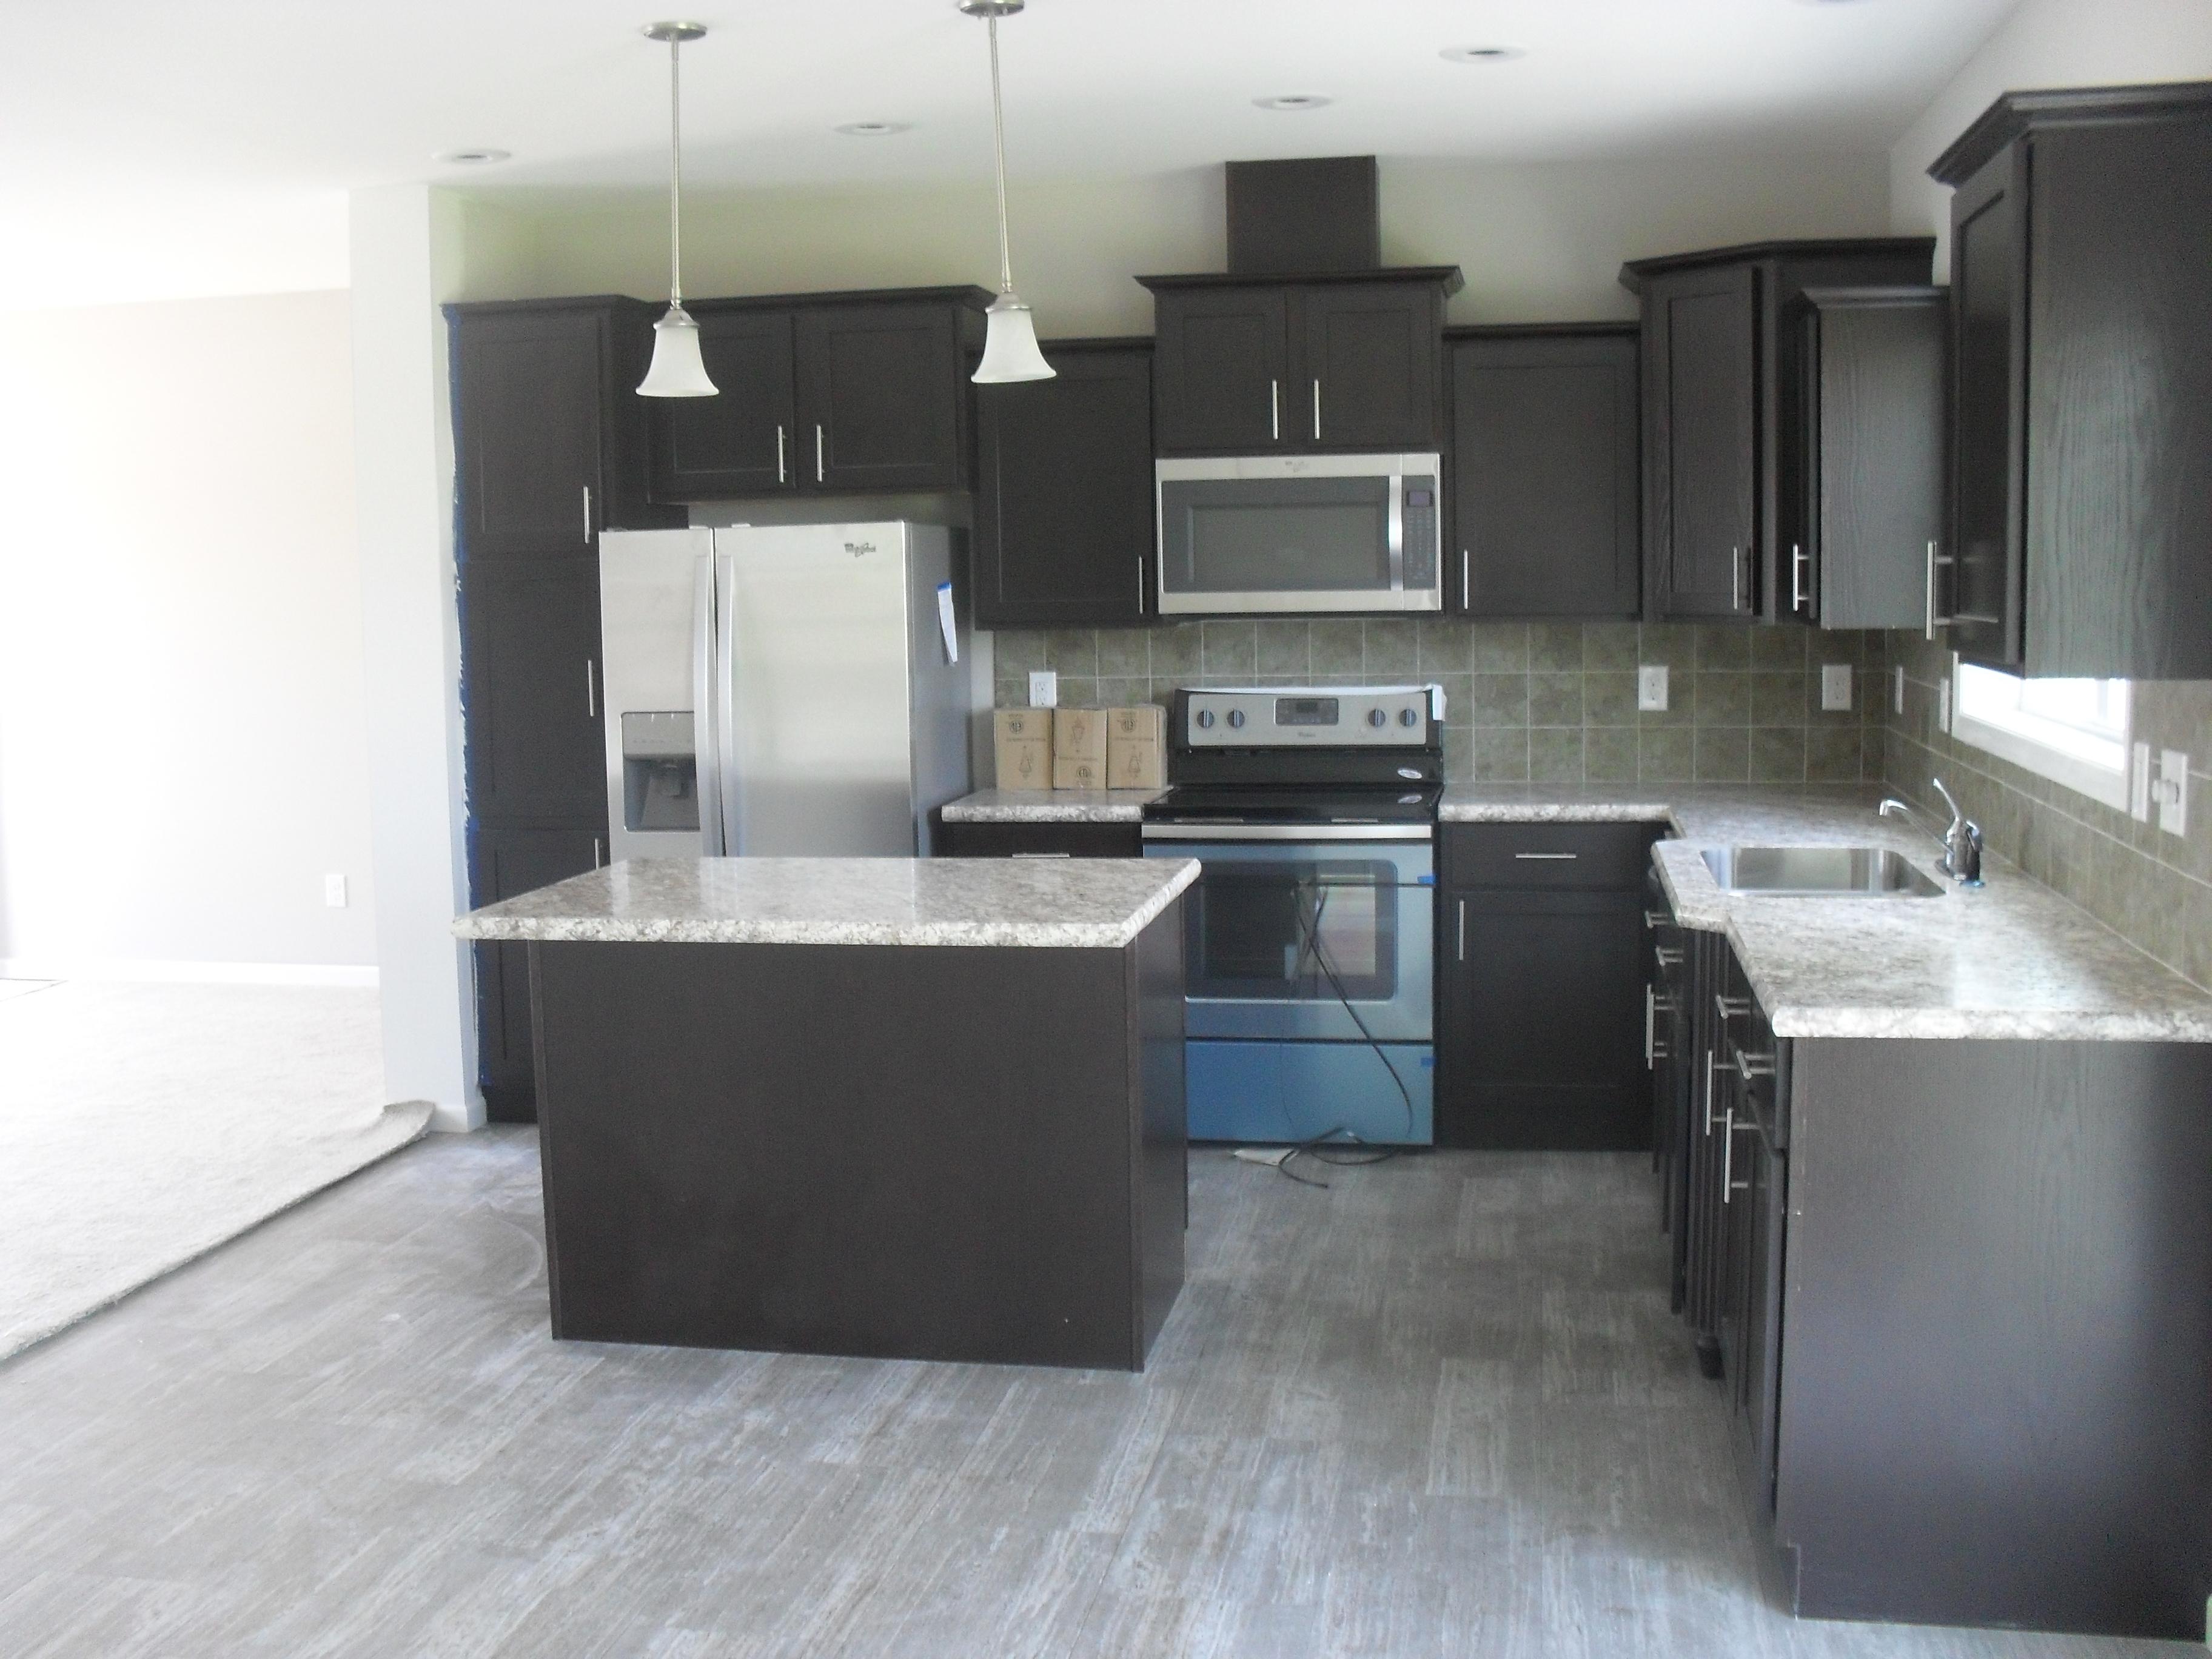 Daveu0027s Quality Homes